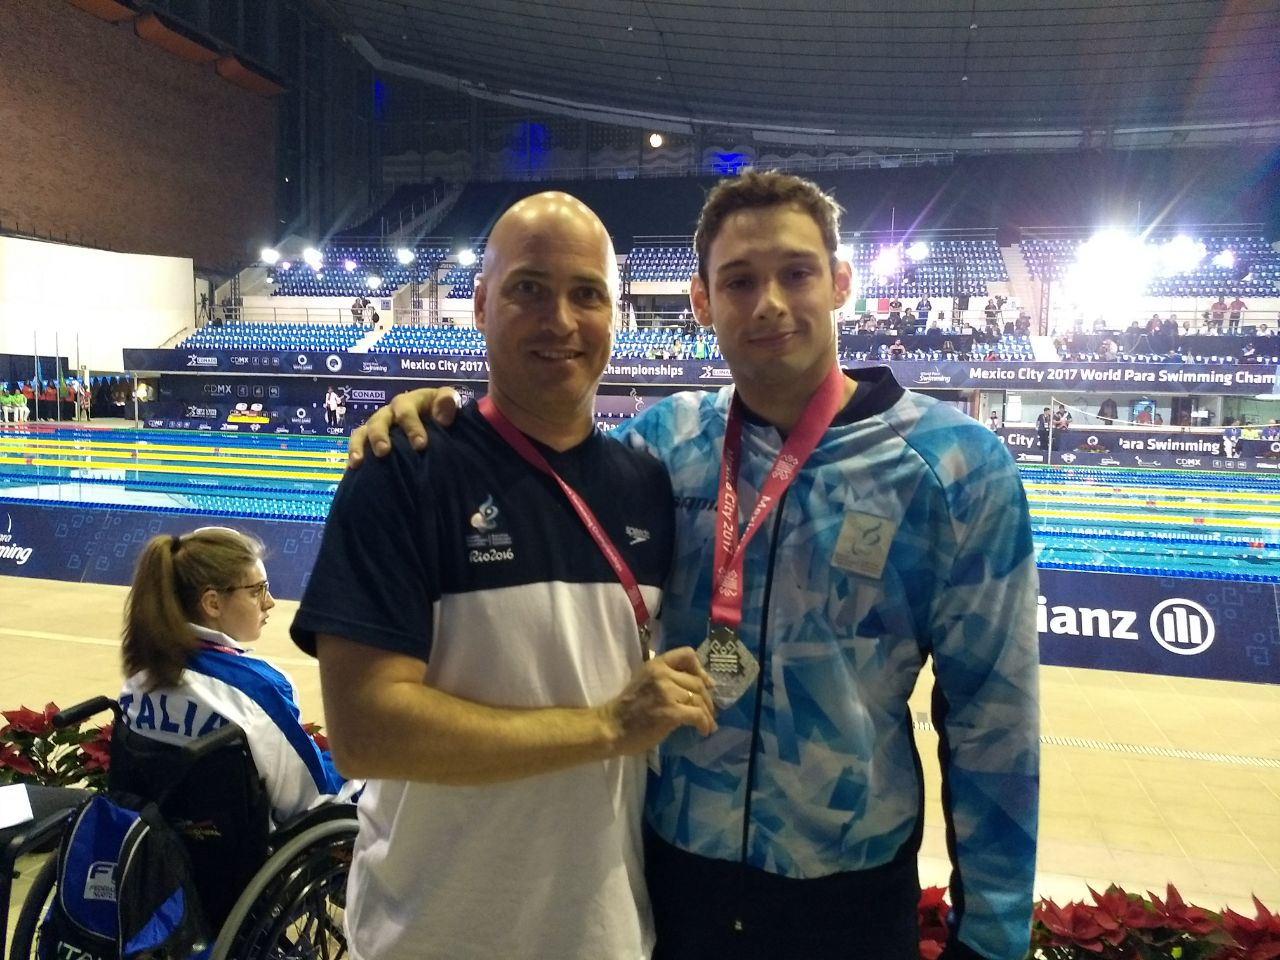 Natación: Carlomagno, medalla plateada en el Mundial de México